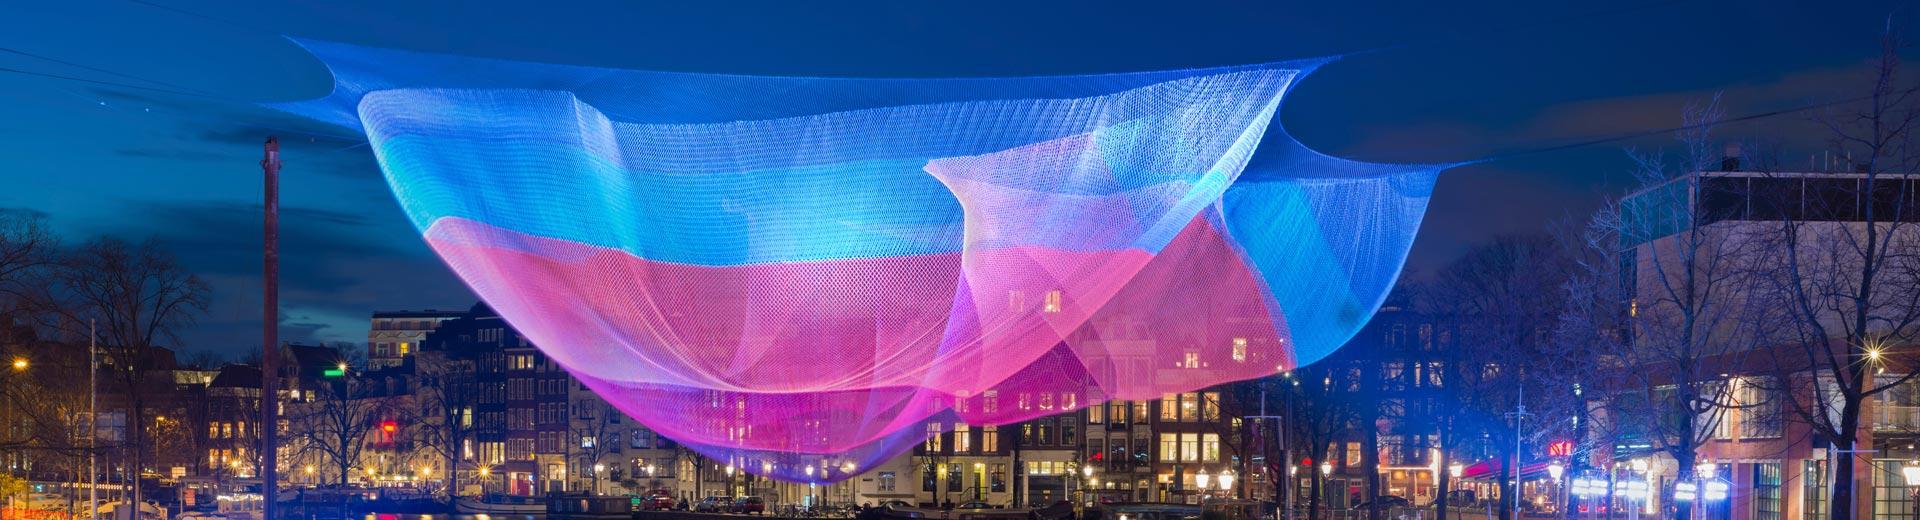 Lichtfestivals in Europas Städten